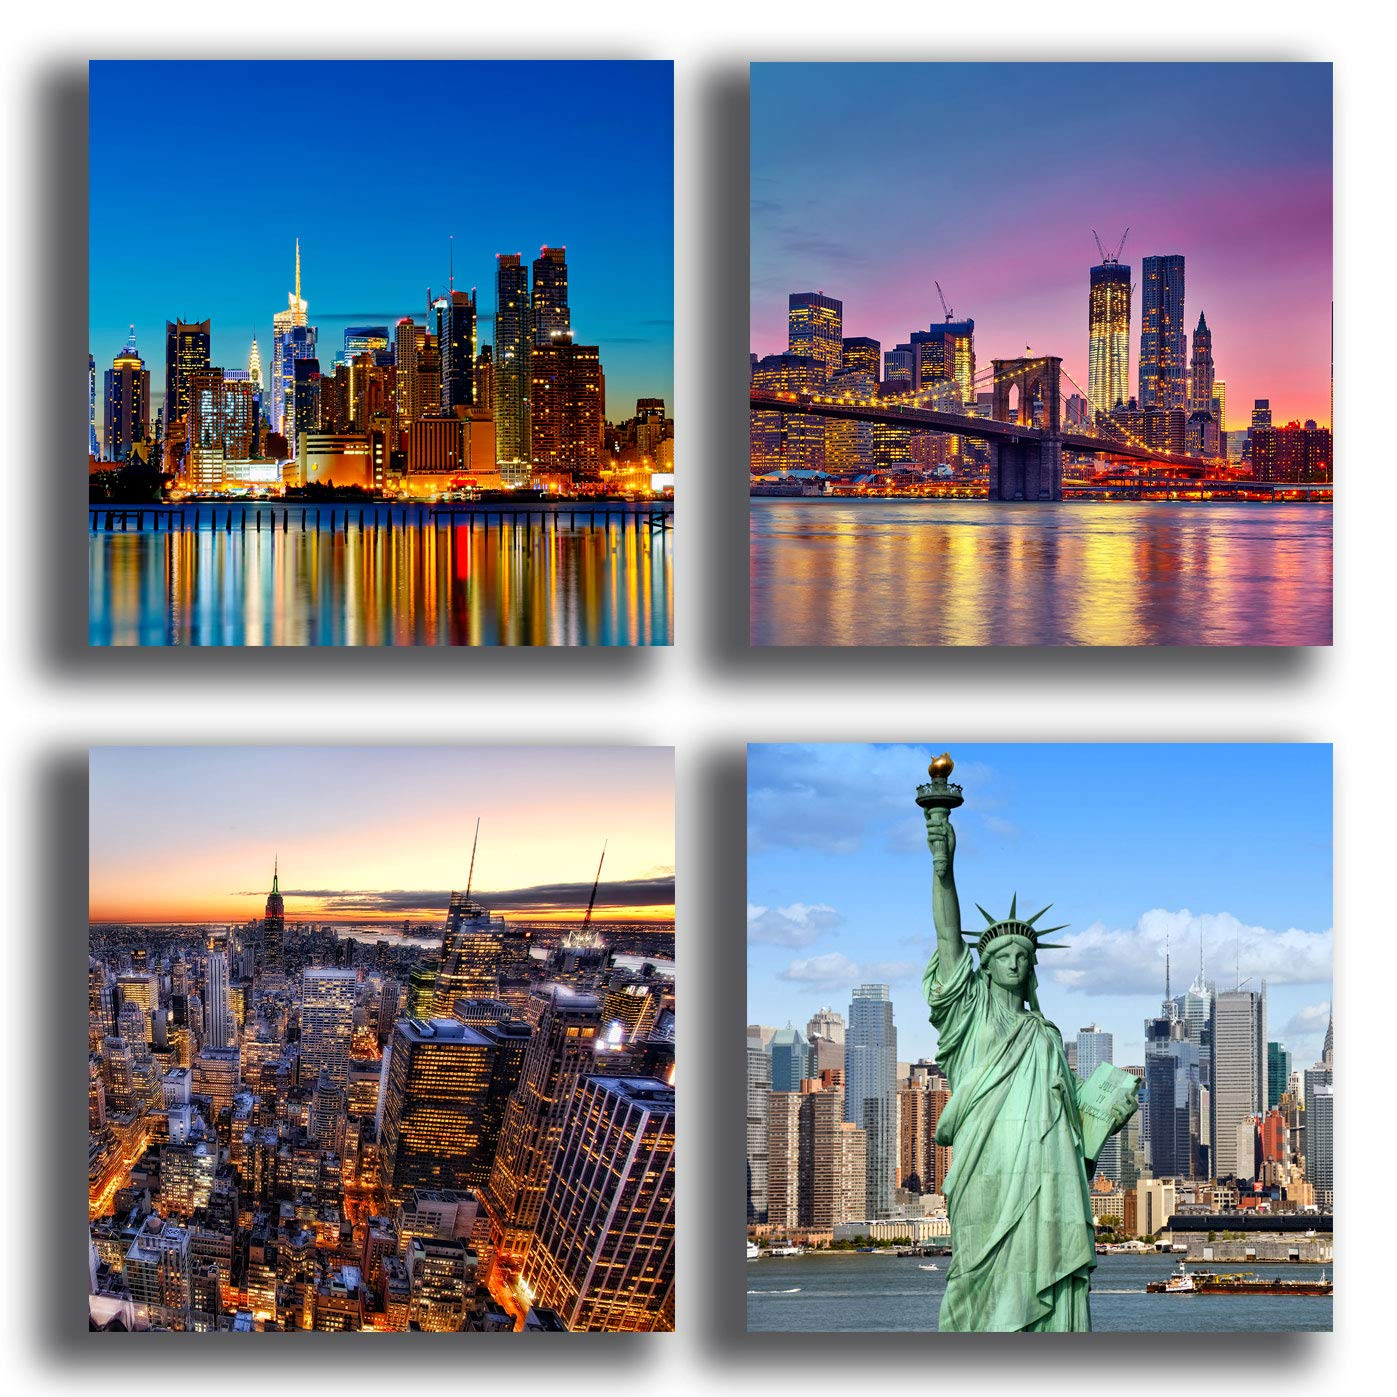 4 pezzi 40x40 cm cad. Quadri Moderni NEW YORK Manhattan citt/à 4 pezzi quadretti Stampa Tela CANVAS Arredamento XXL Arredo soggiorno salotto camera da letto cucina ufficio bar ristorante